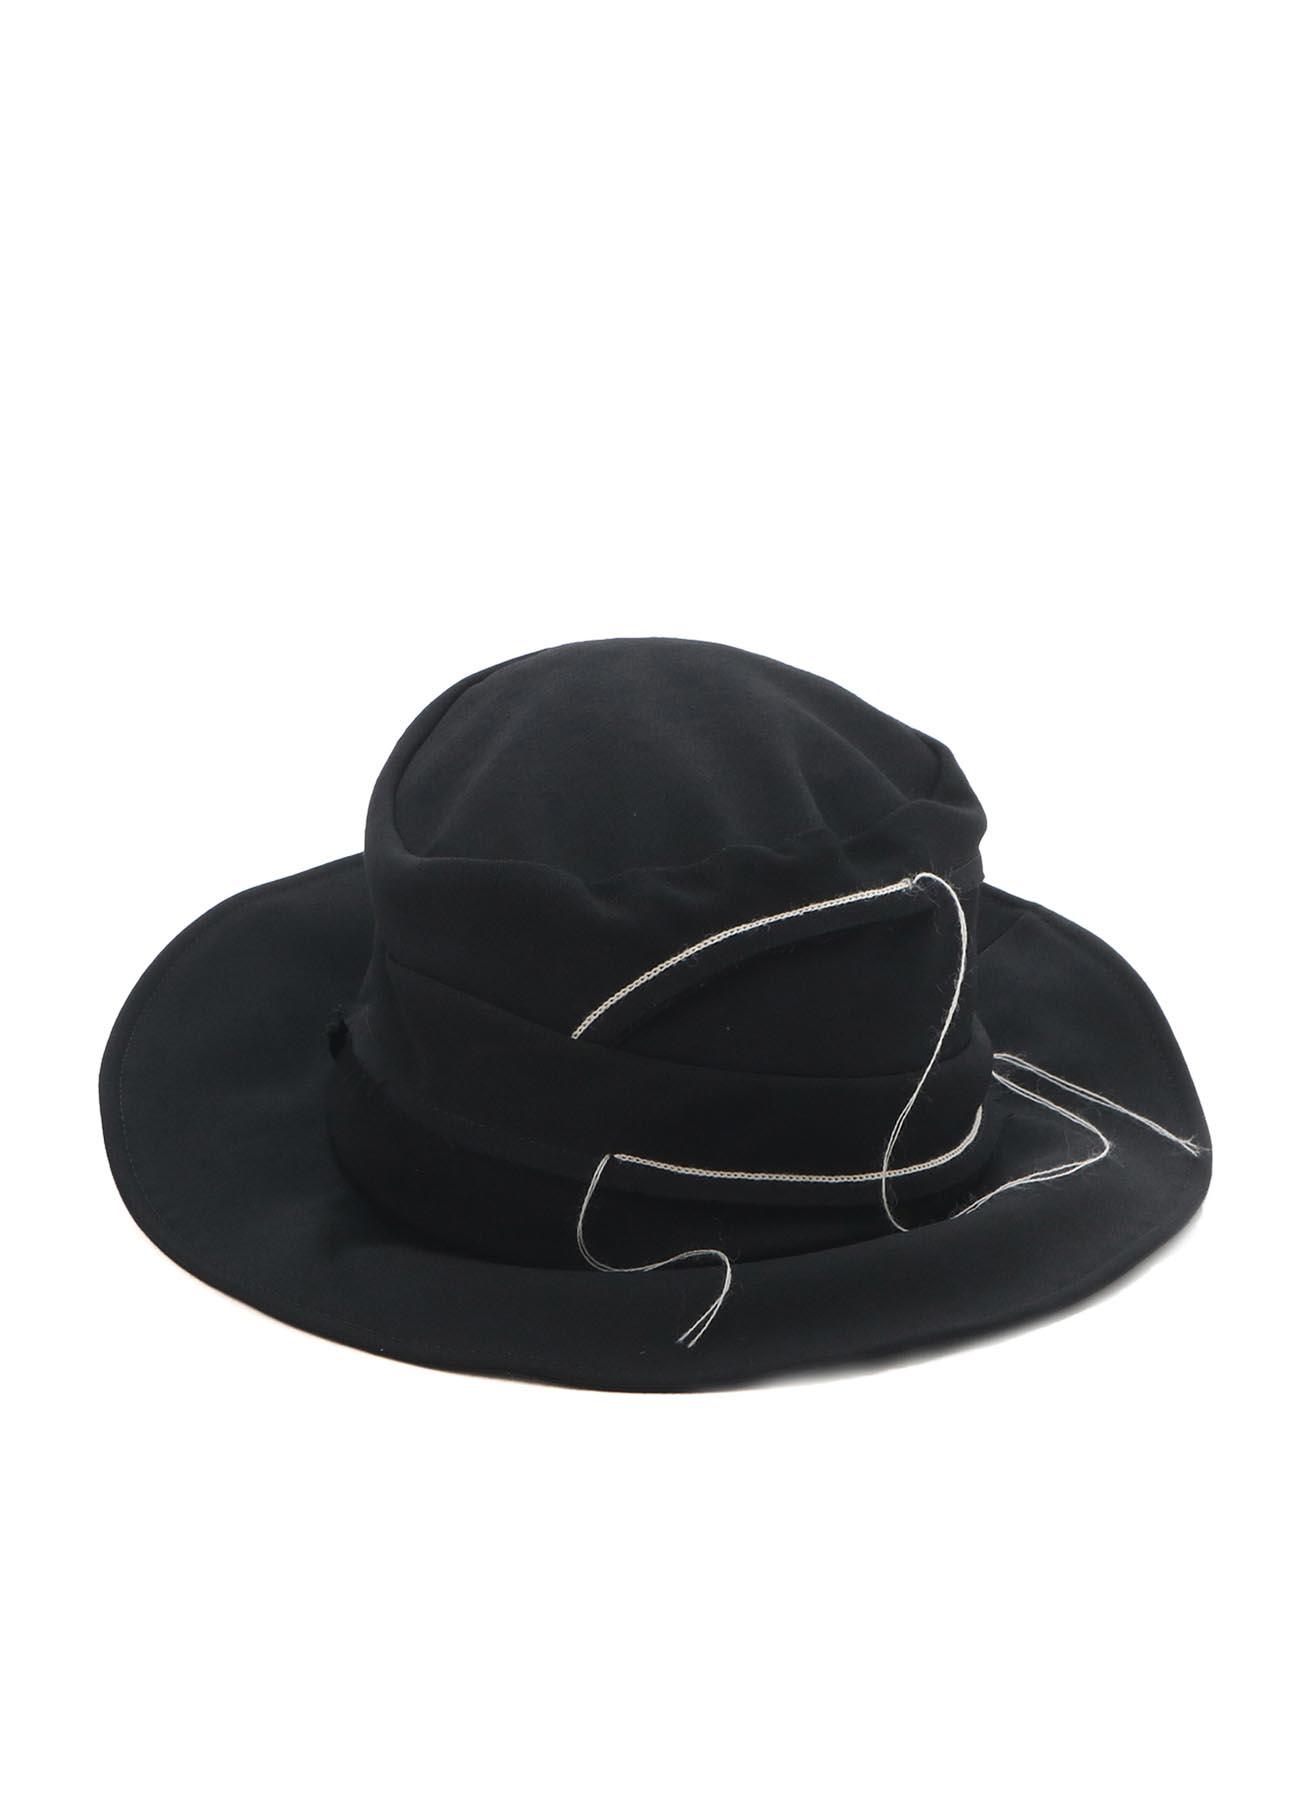 WOOL GABARDINE CHAIN STITCH HAT